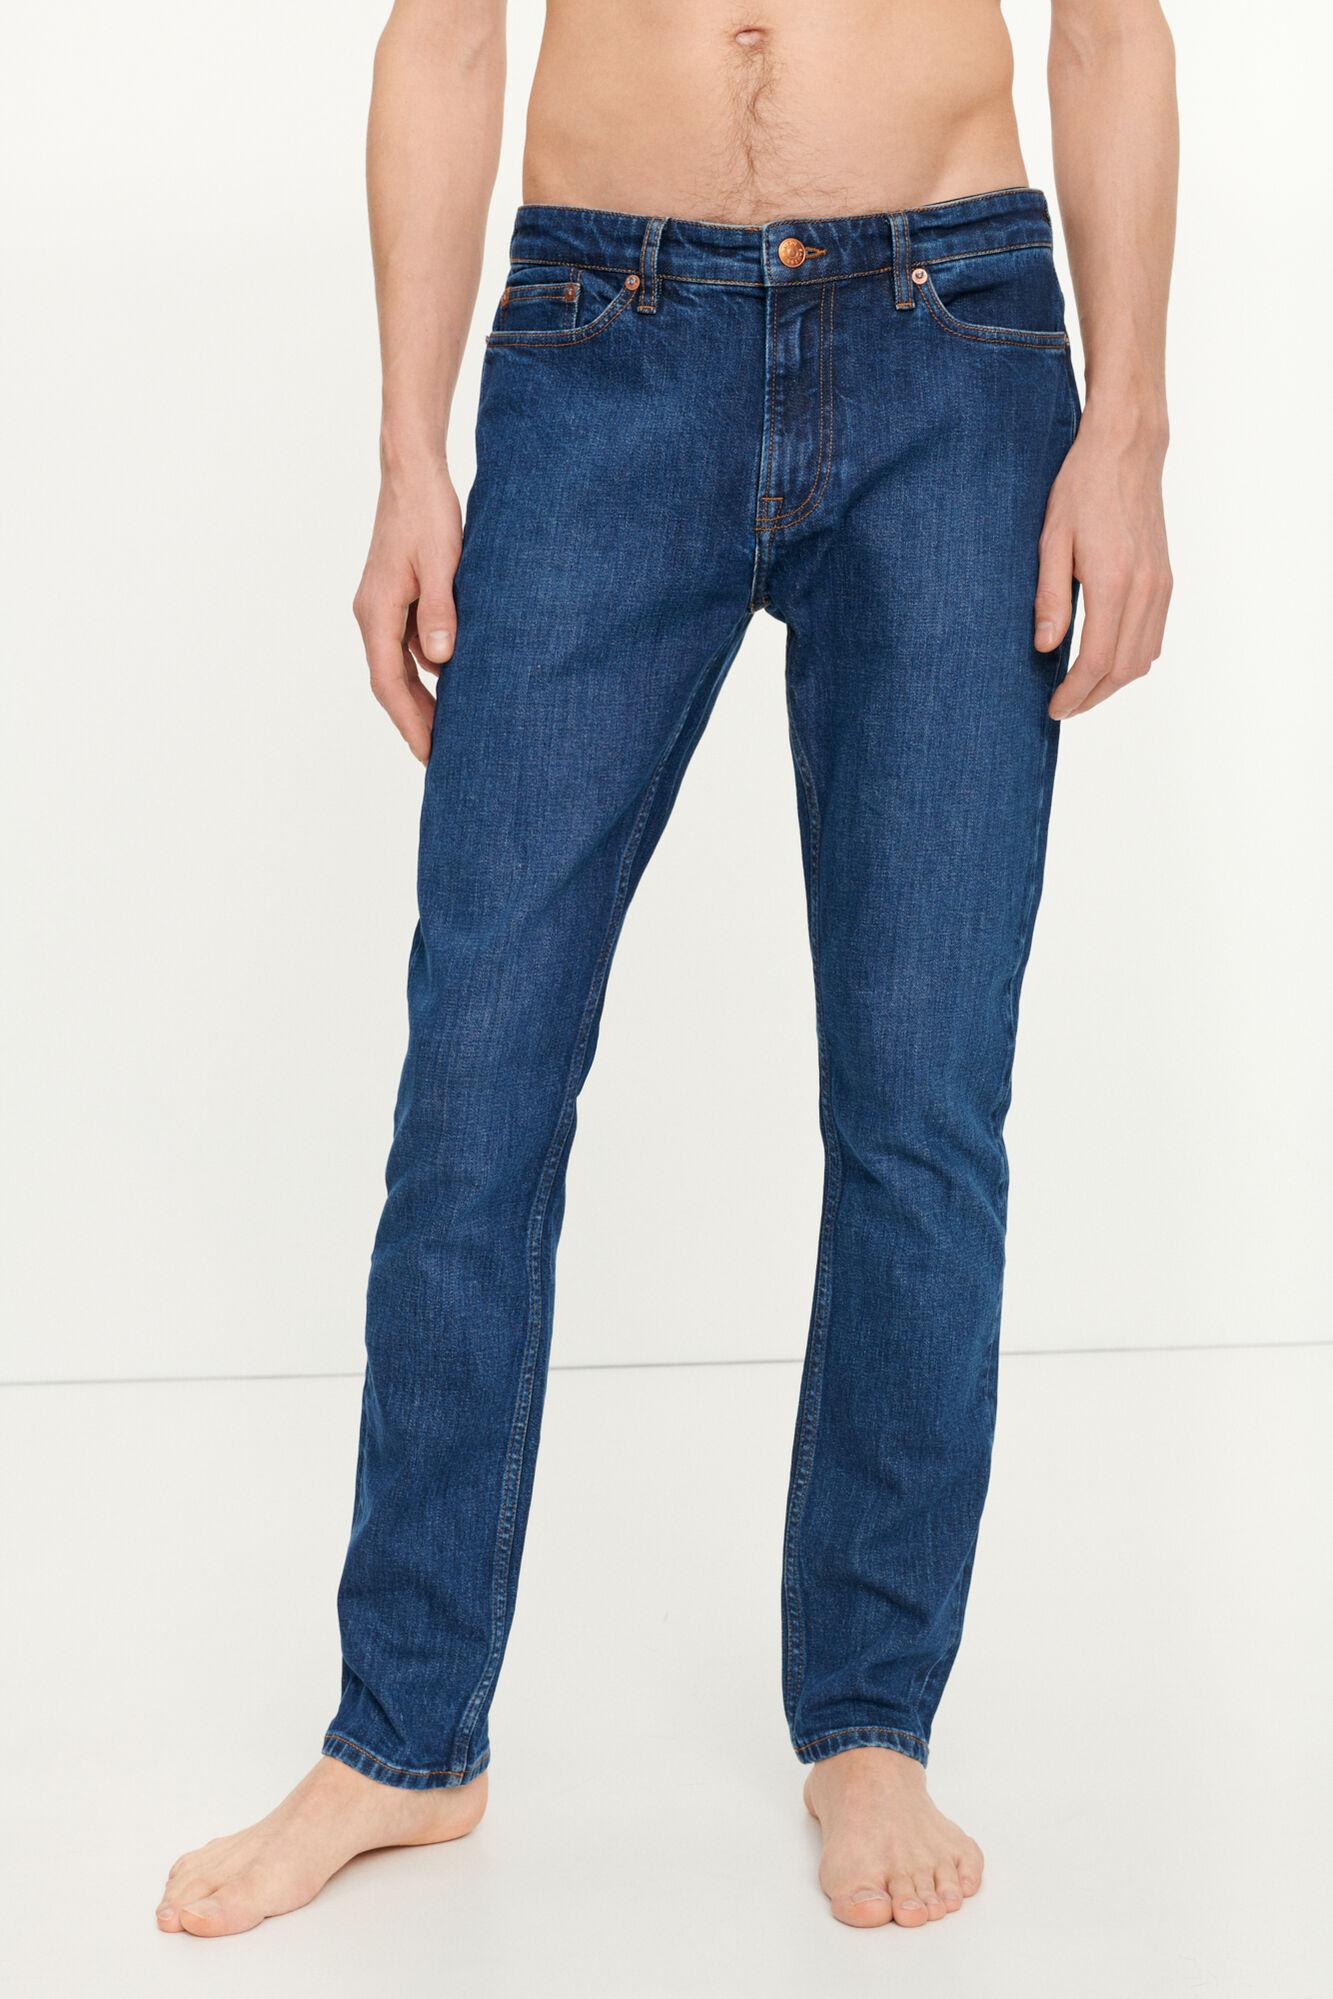 Stefan jeans 11353